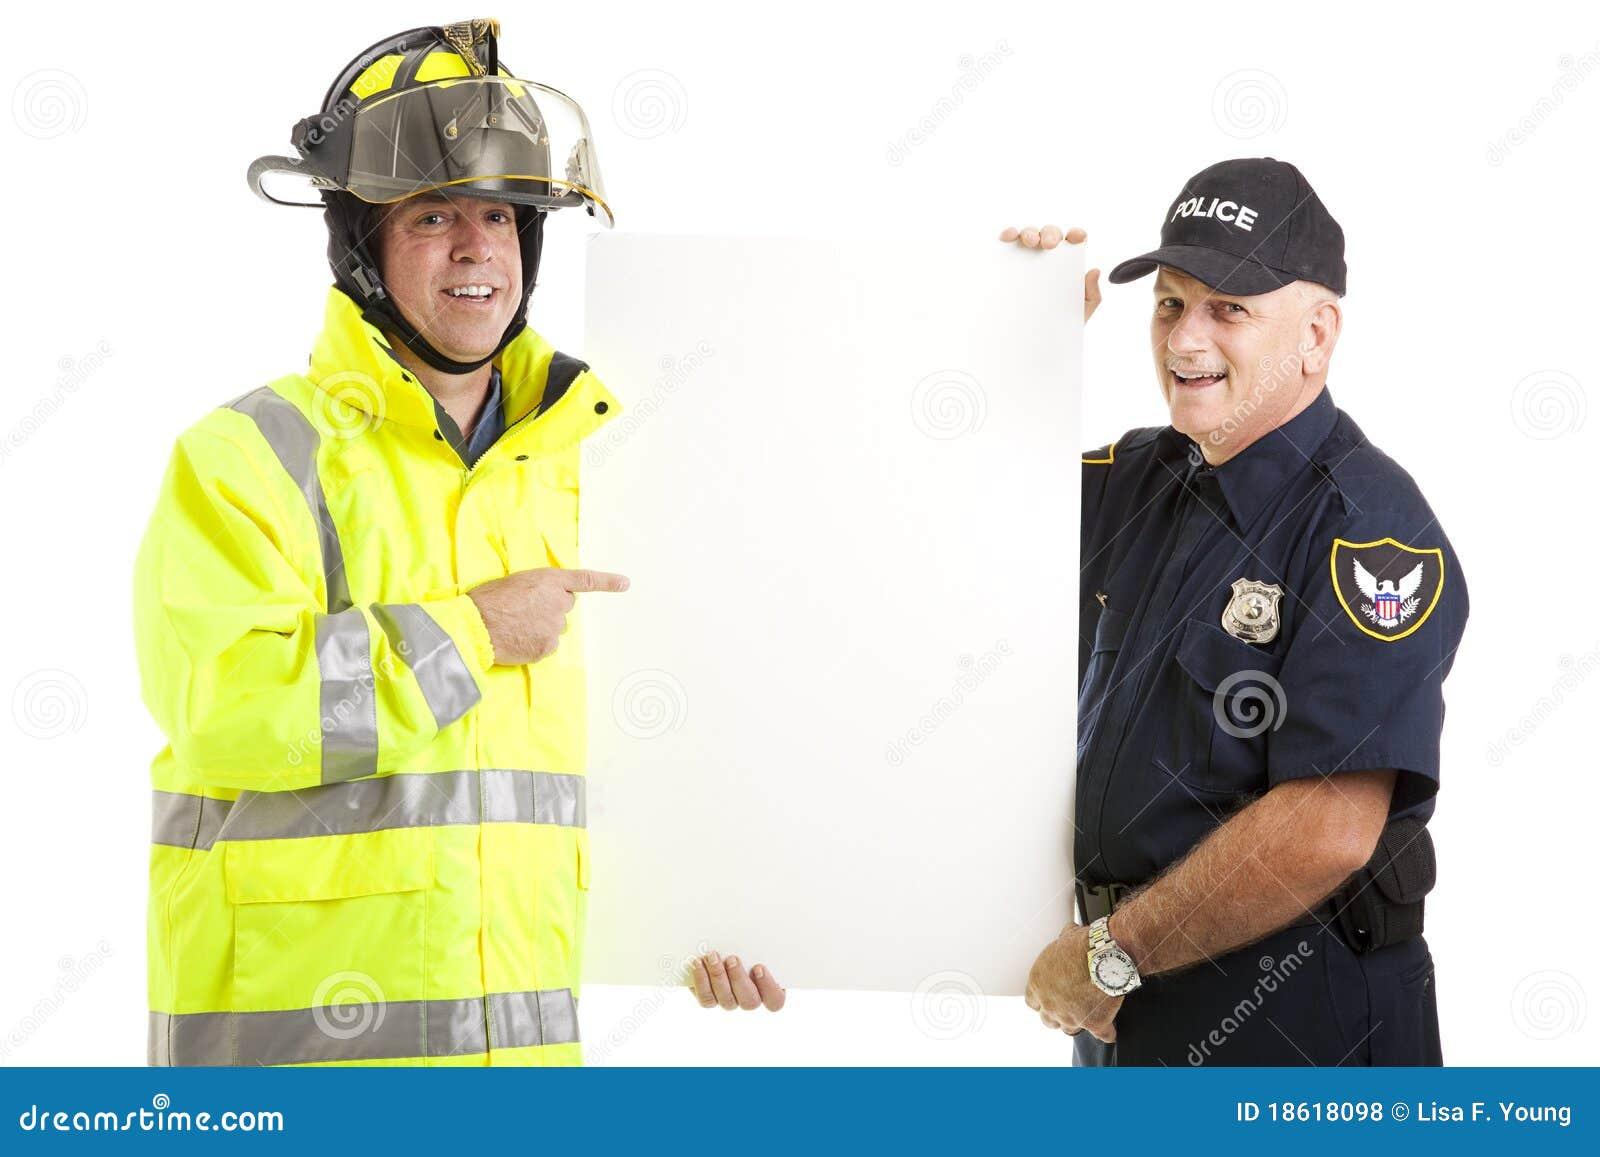 Public Employee